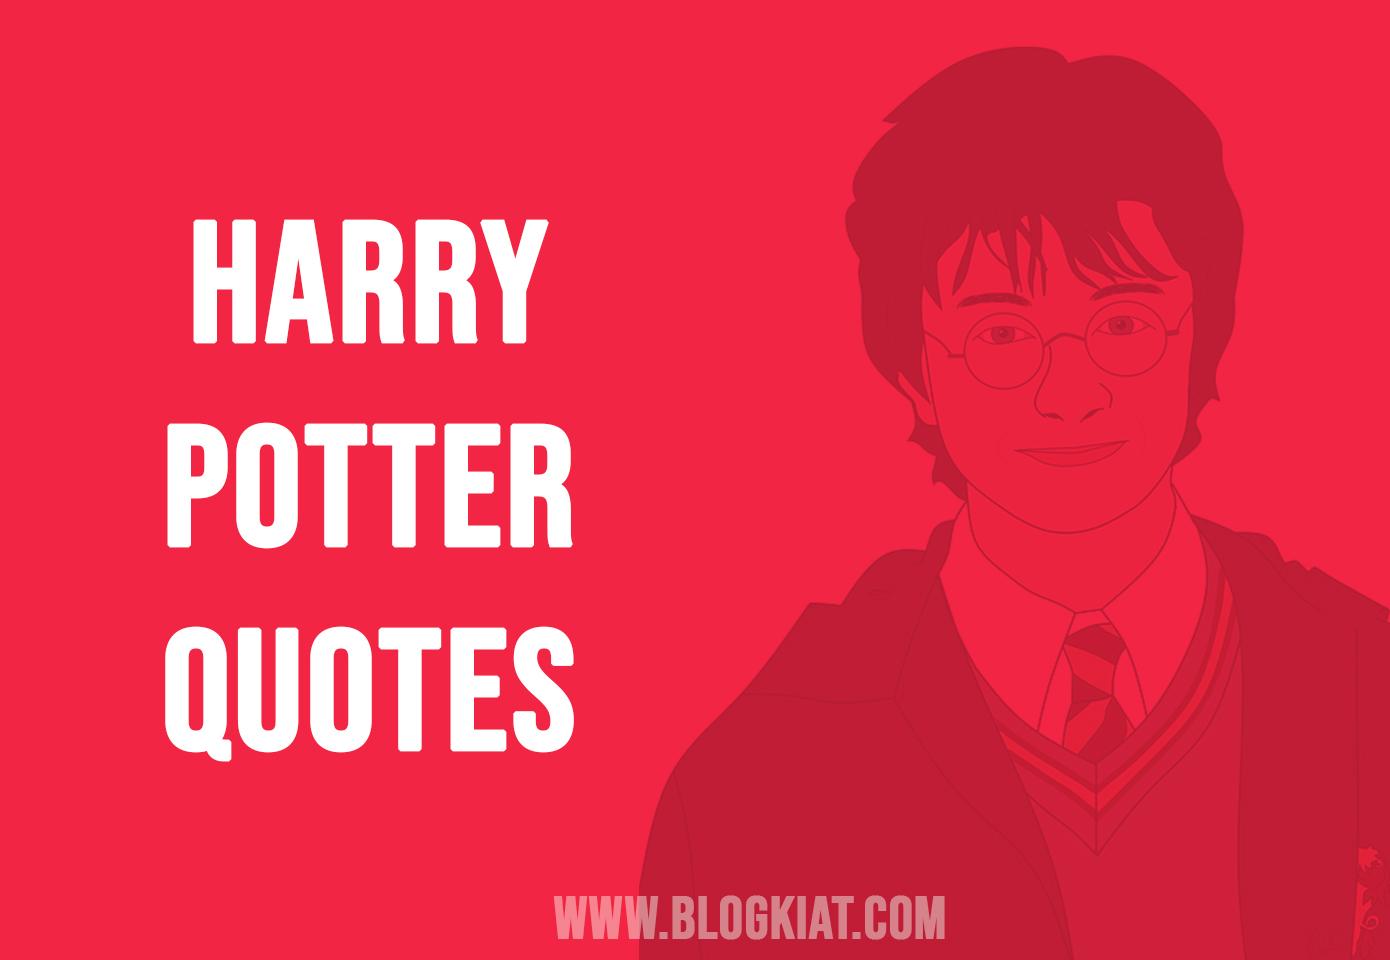 harry-porter-quotes